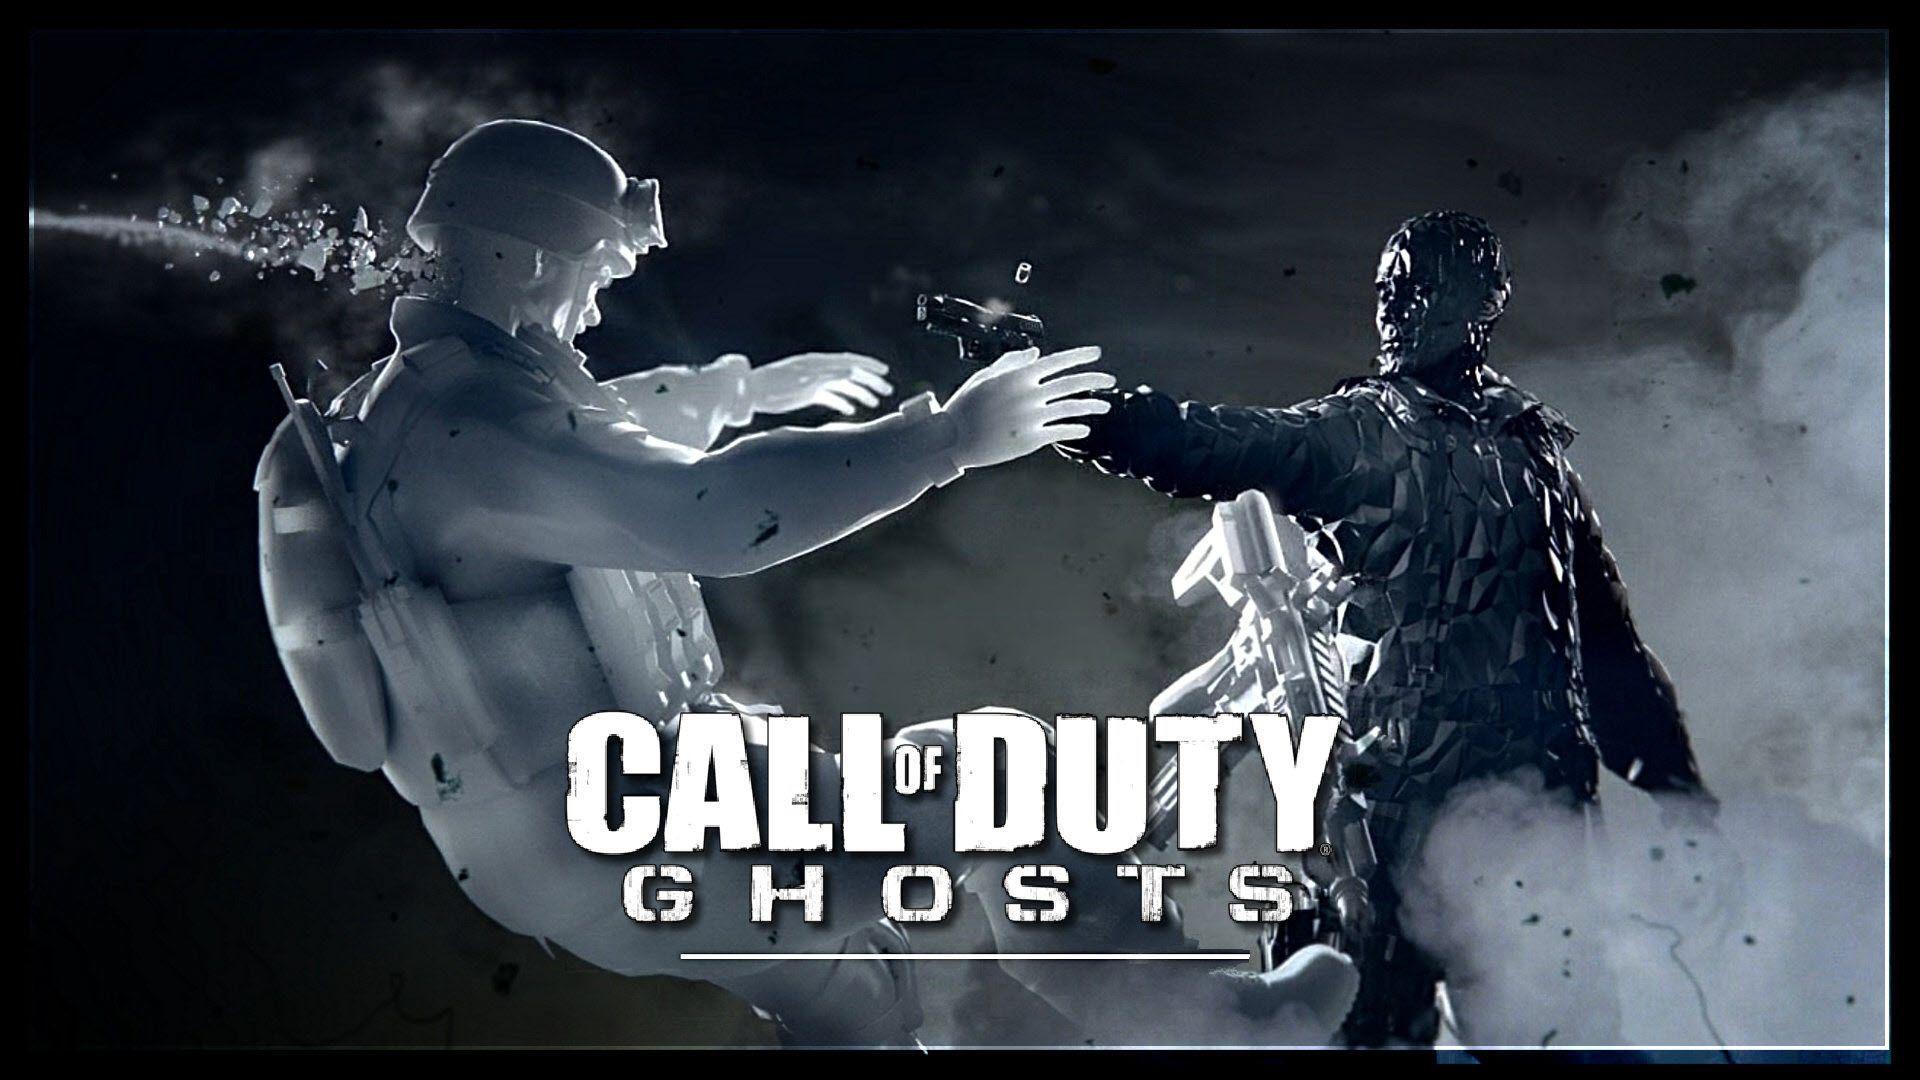 Call of Duty Ghosts Bölüm Geçişi Sırasında Donma Sorunu